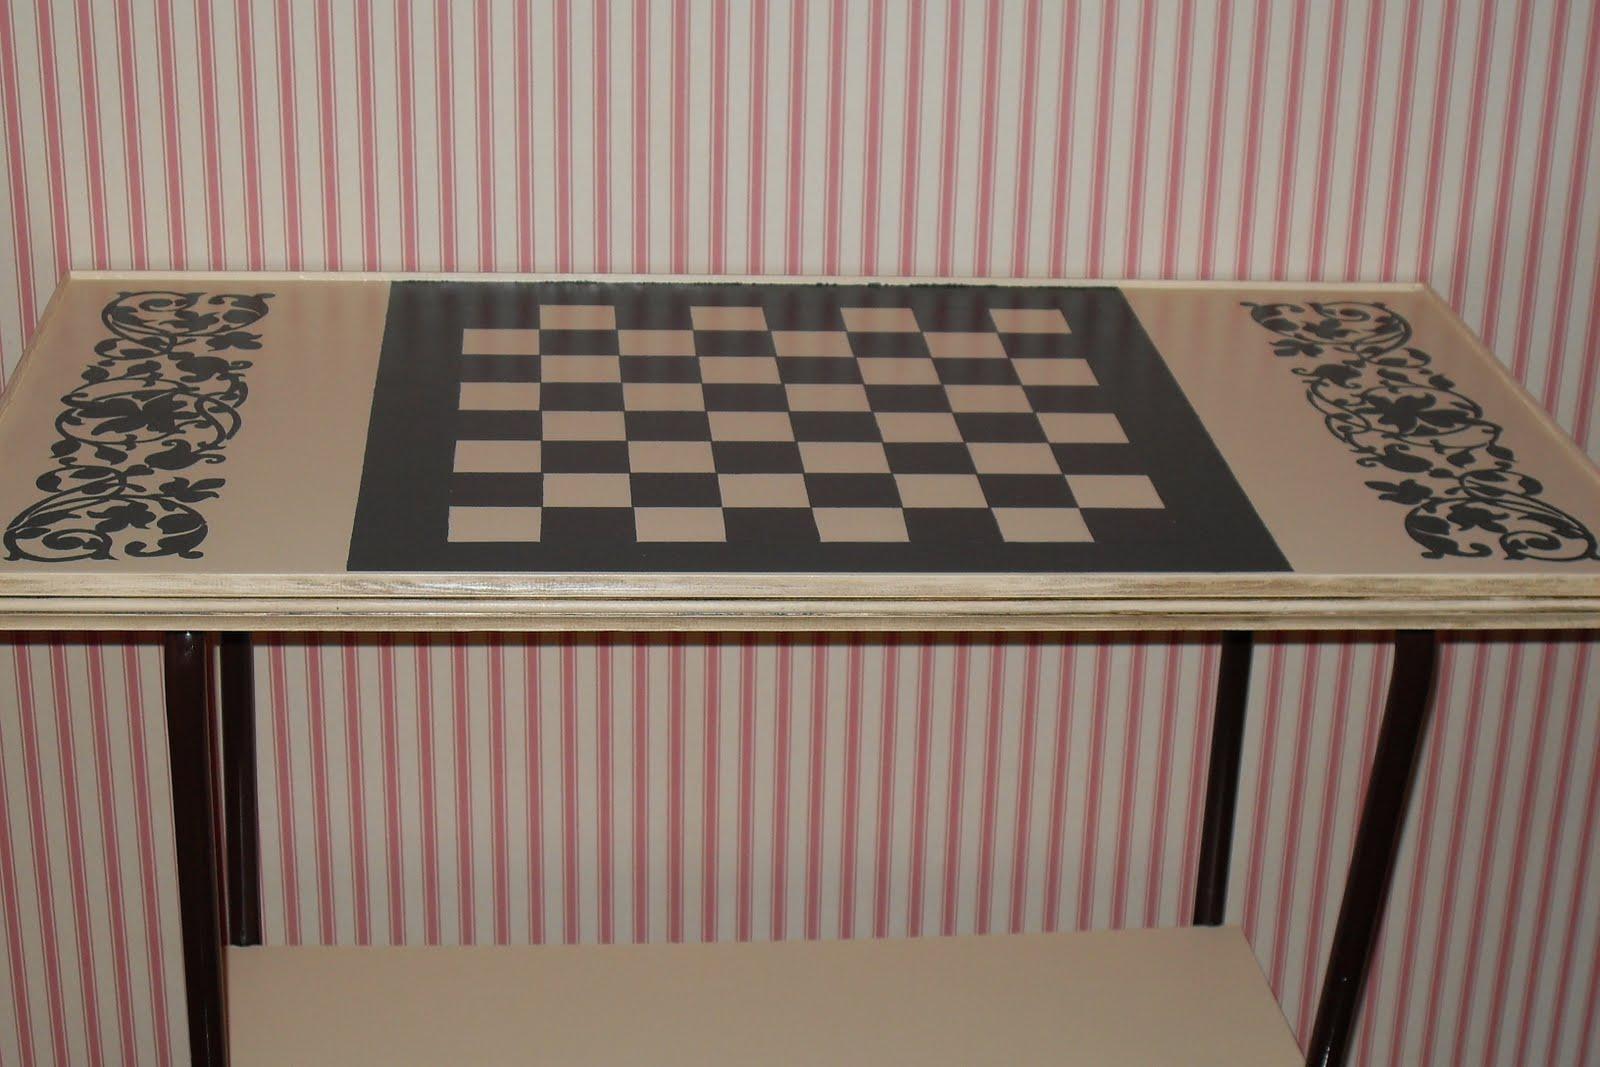 Decoraci n y tecnicas decorativas mesa tablero de ajedrez - Tecnicas decorativas ...